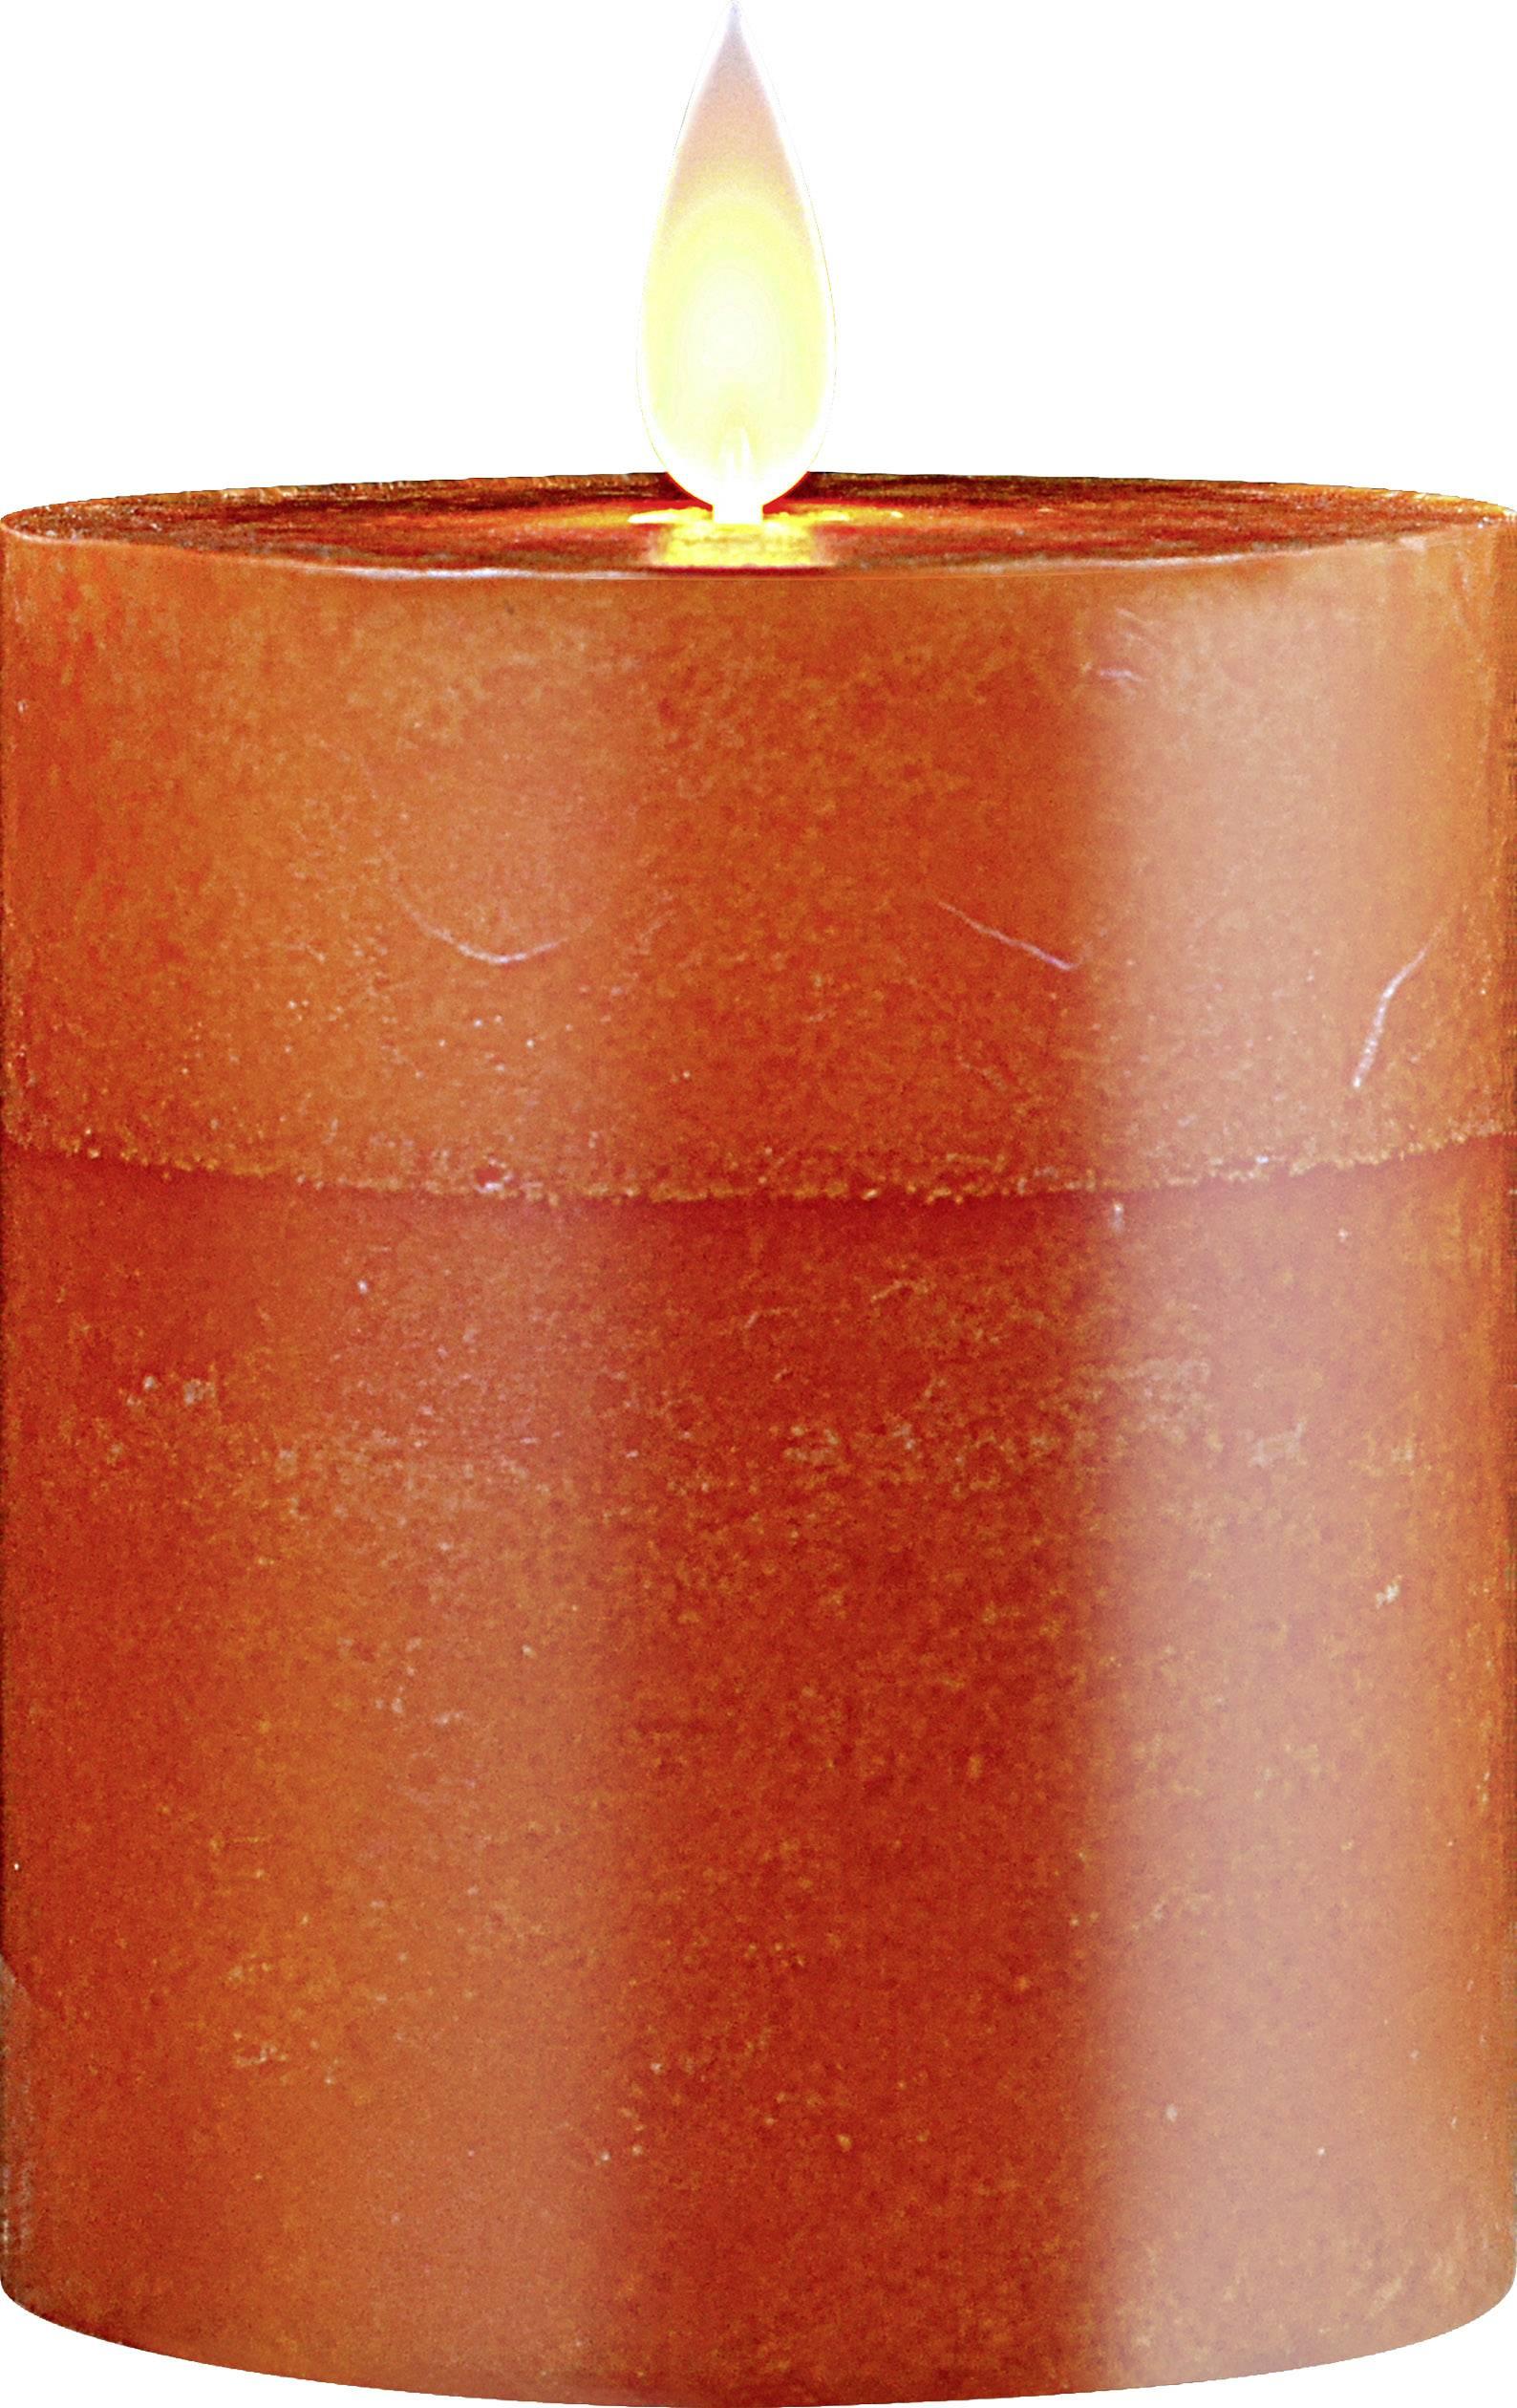 Vnitřní/venkovní LED vosková svíčka Polarlite 1 ks, oranžová